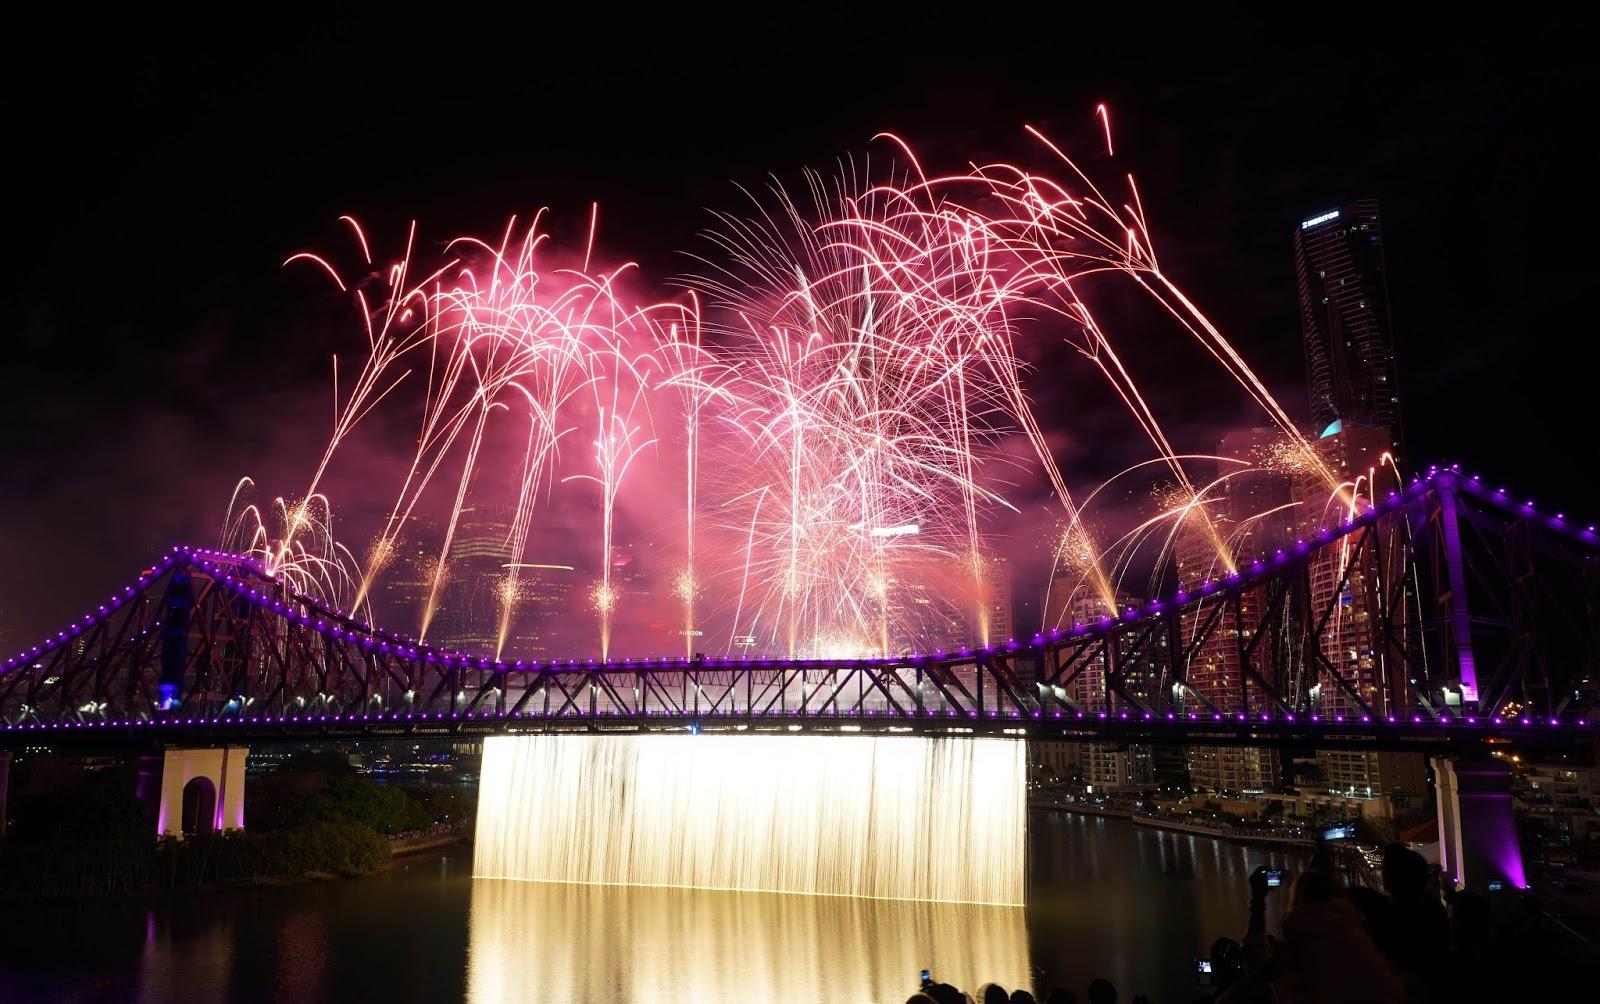 布里斯本-布里斯本景點-推薦-故事橋-旅遊-自由行-Brisbane-Attraction-Story-Bridge-Tourist-destination